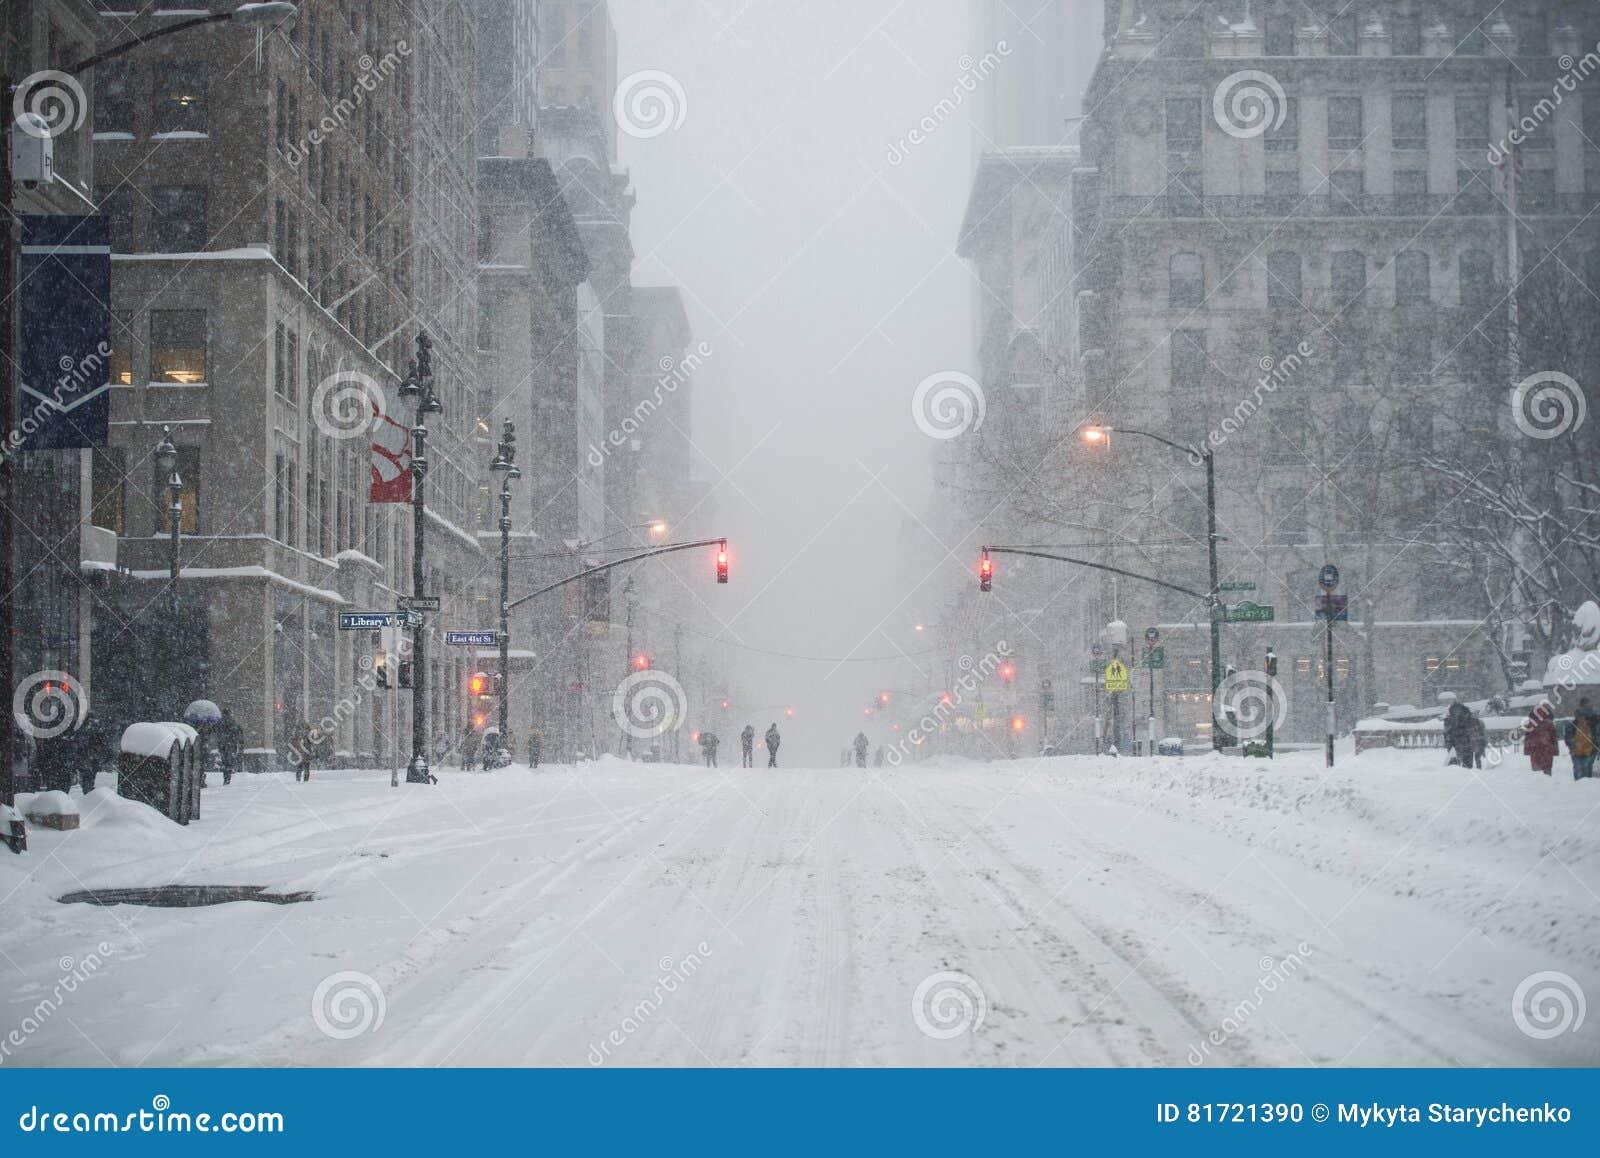 Van de Stadsmanhattan van New York de Uit het stadscentrum straat onder de sneeuw tijdens sneeuwblizzard in de winter Lege 5de we